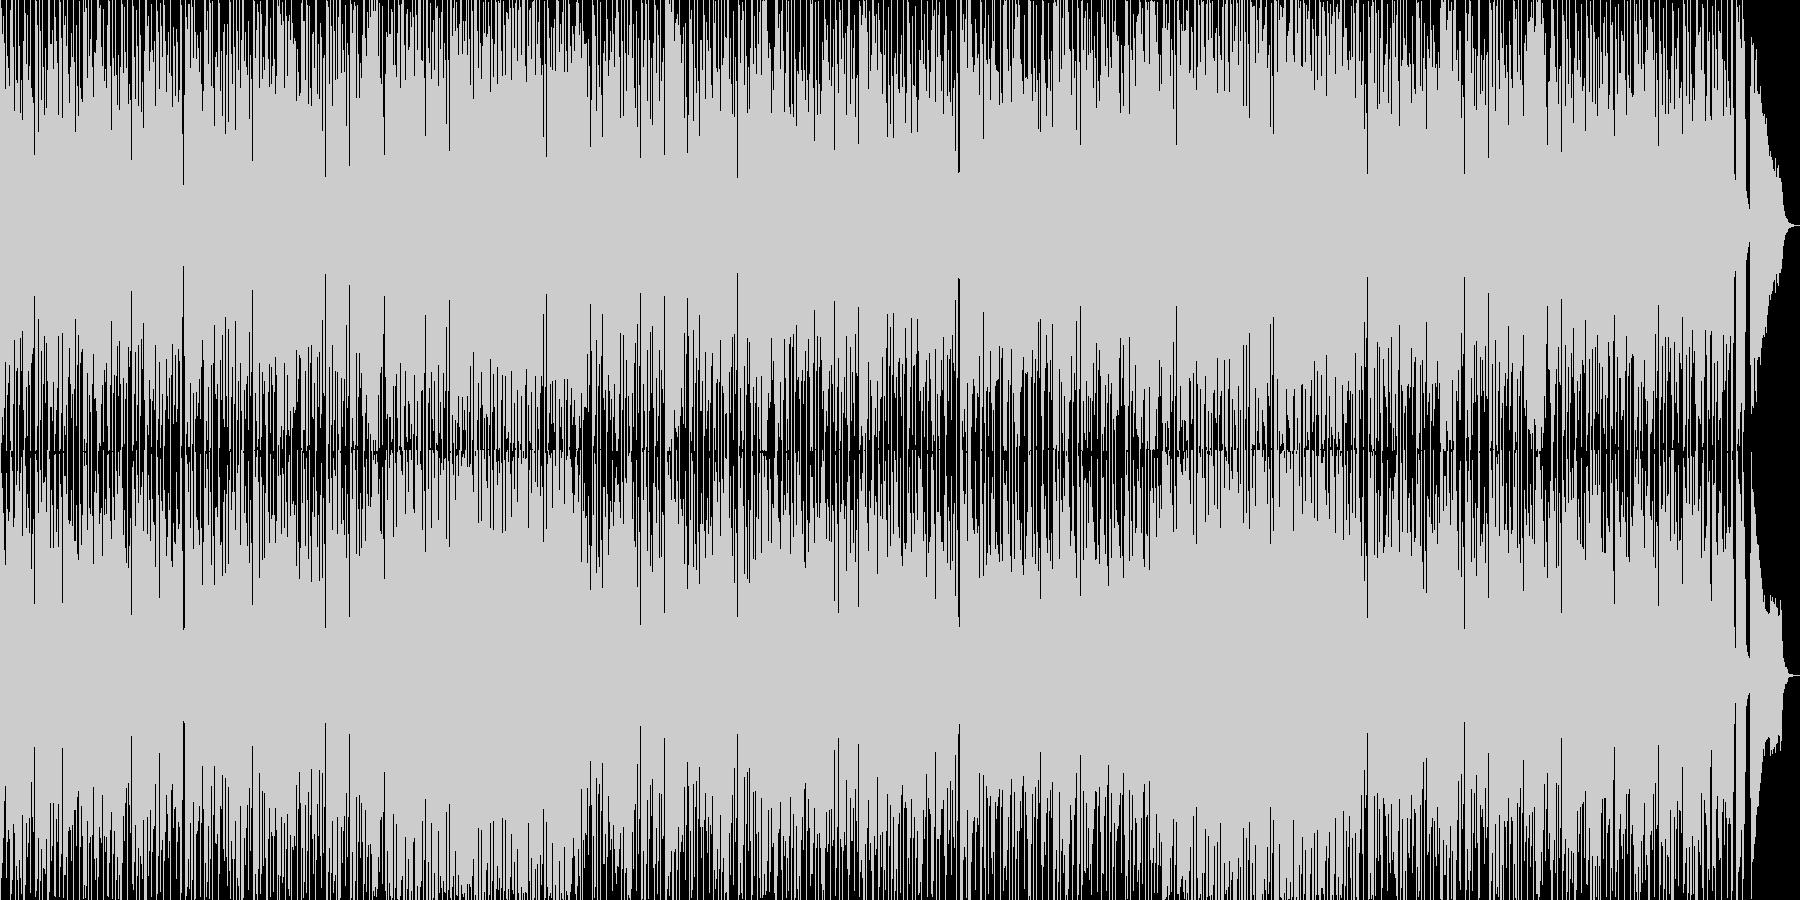 ゆっくり16ビート+美しいアコギ・ビオラの未再生の波形